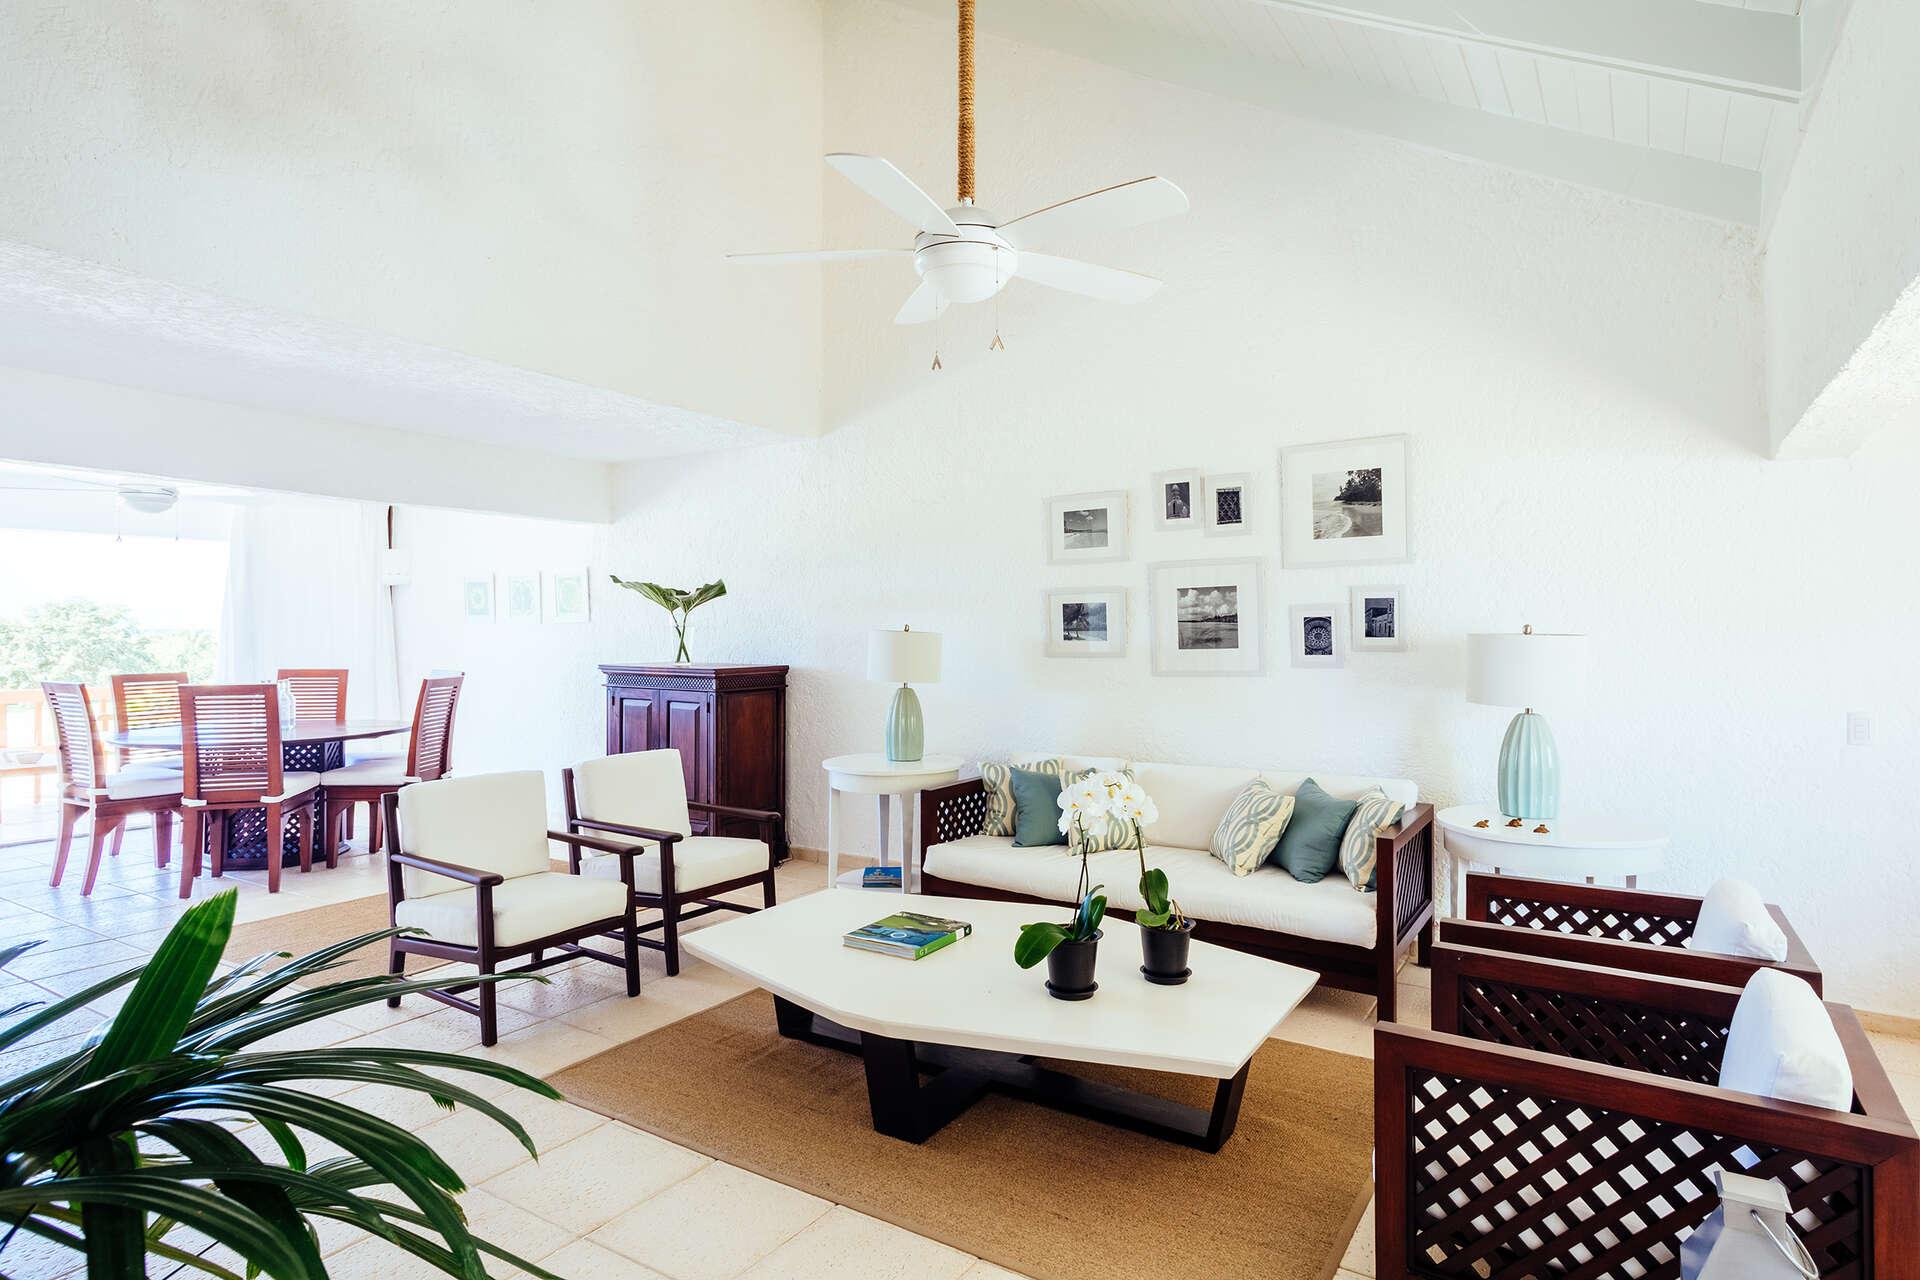 Luxury villa rentals caribbean - Dominican republic - Casa decampo - Golf Villa 8 - Image 1/15